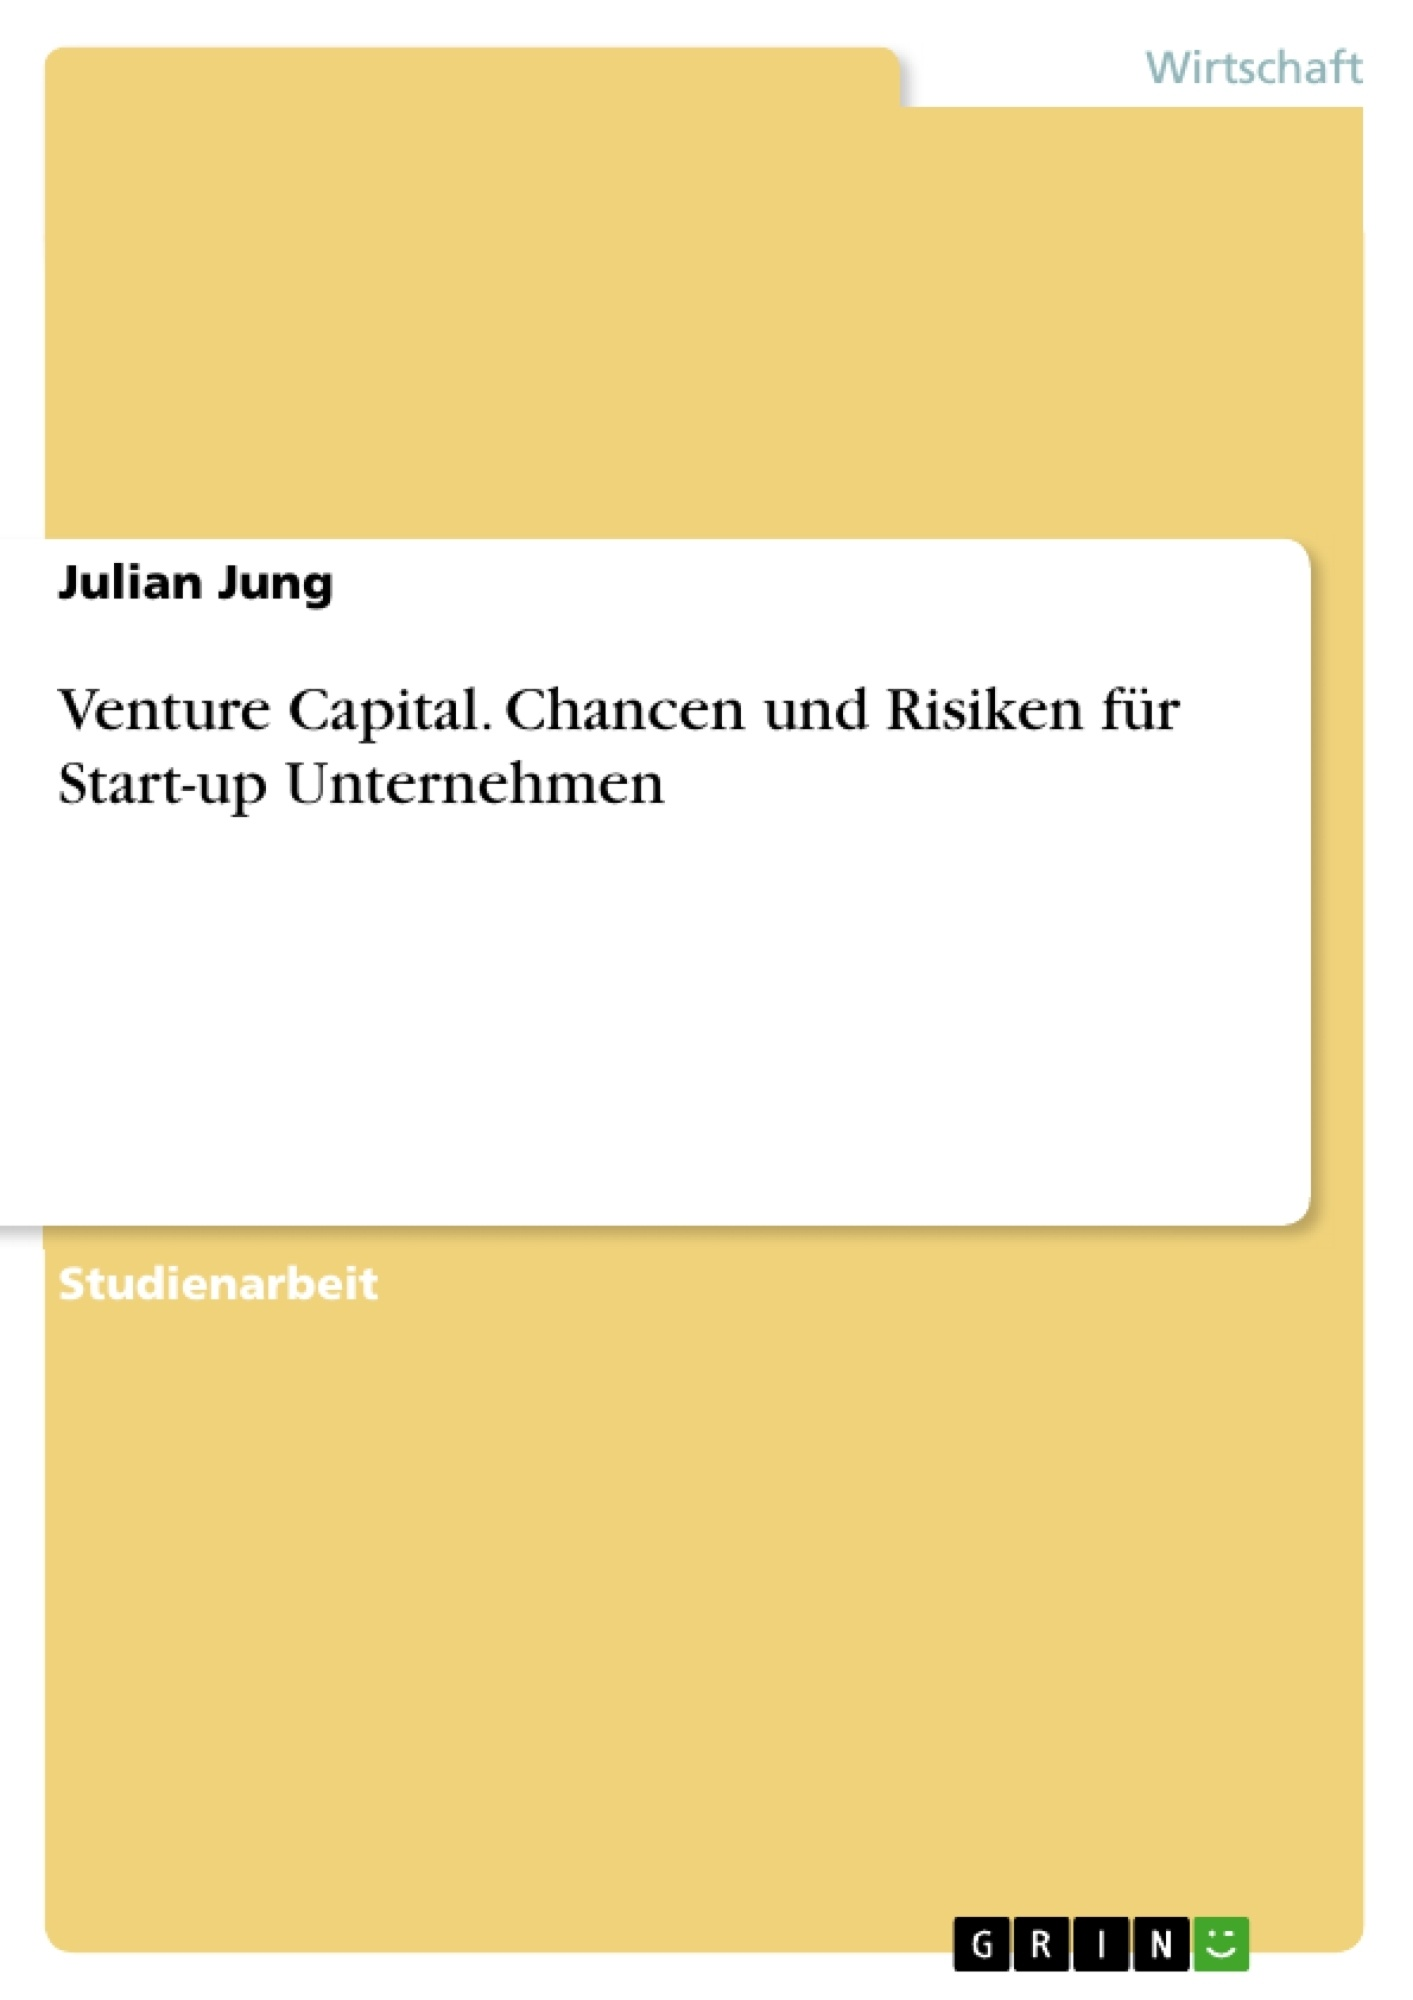 Titel: Venture Capital. Chancen und Risiken für Start-up Unternehmen